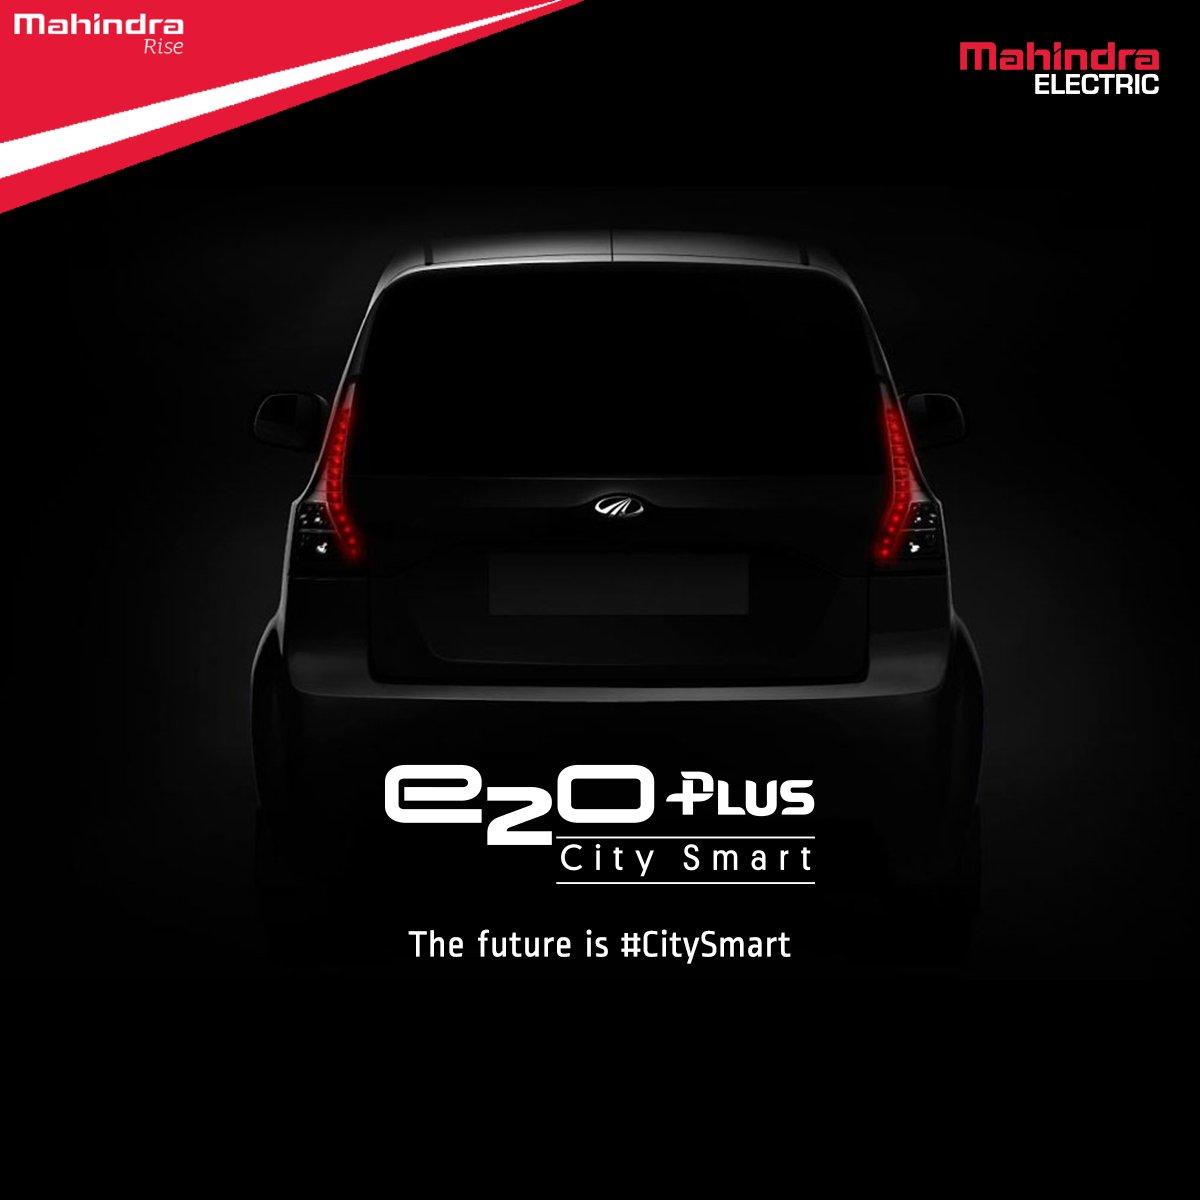 Mahindra e2oPlus City Smart